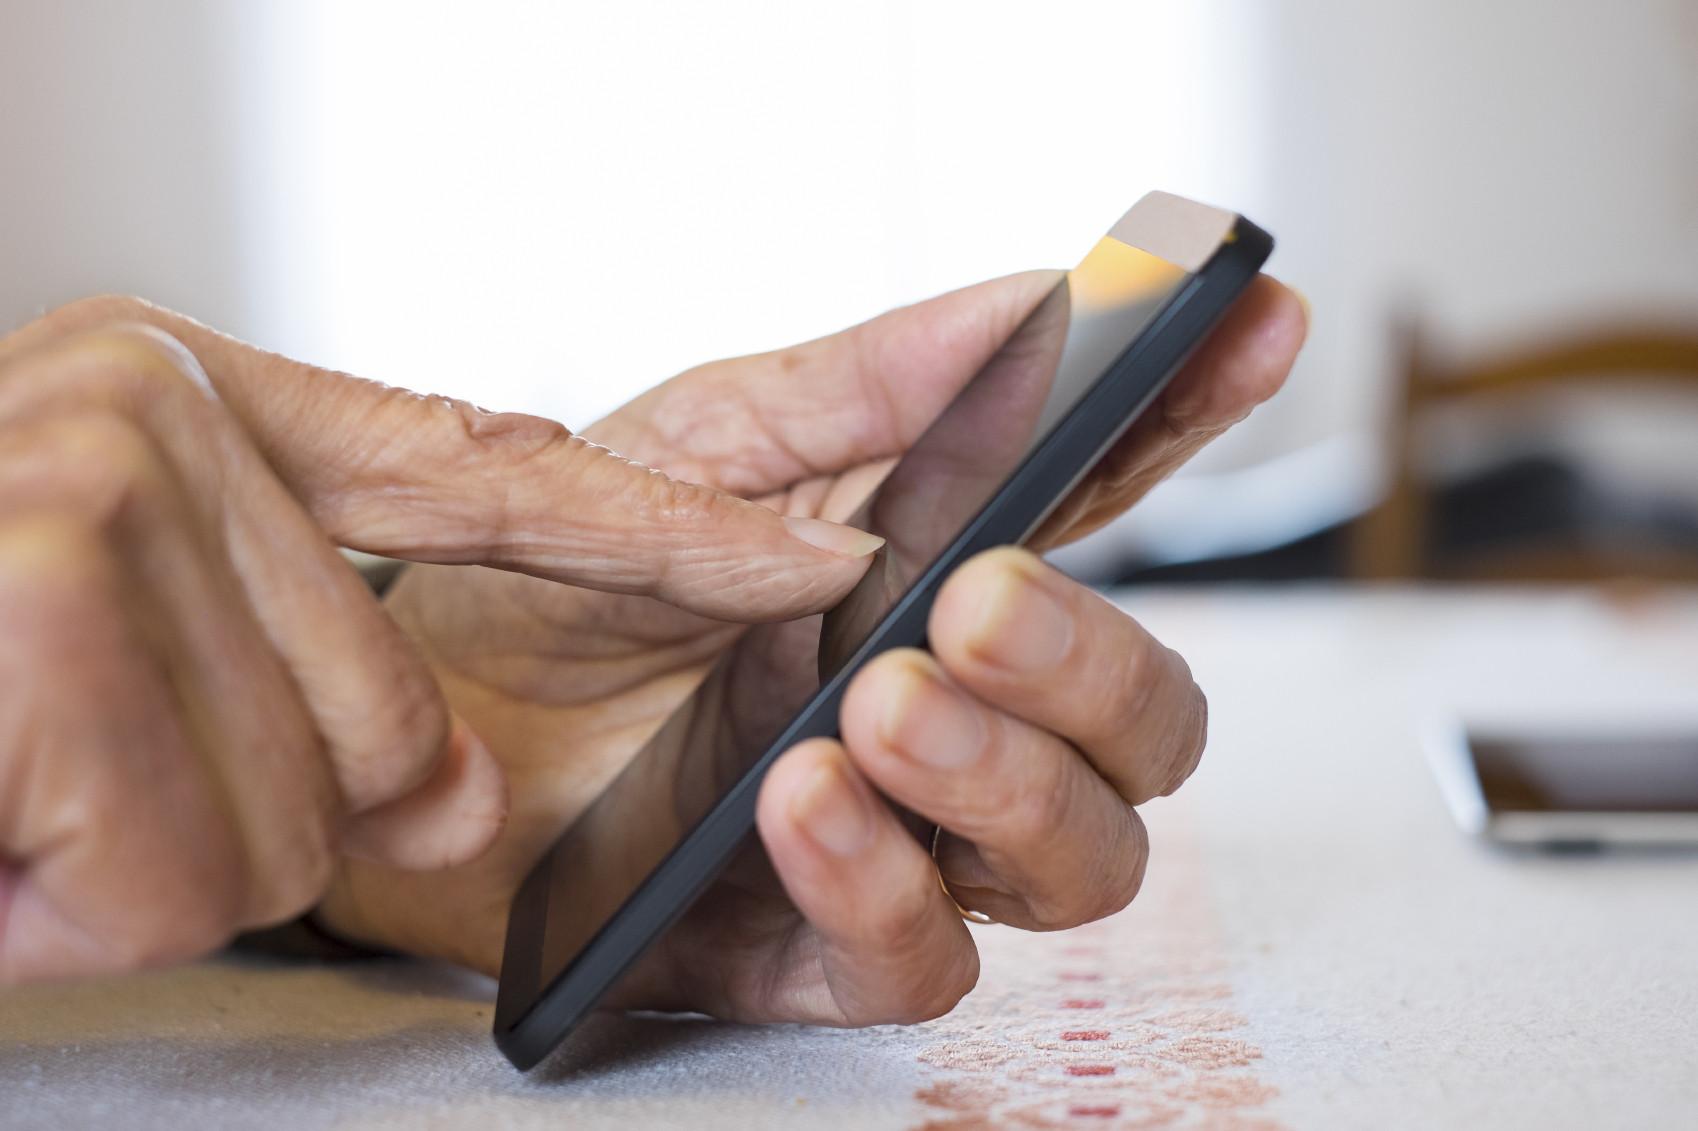 senior-cellphone-caregiveriStock_000044720314_Medium